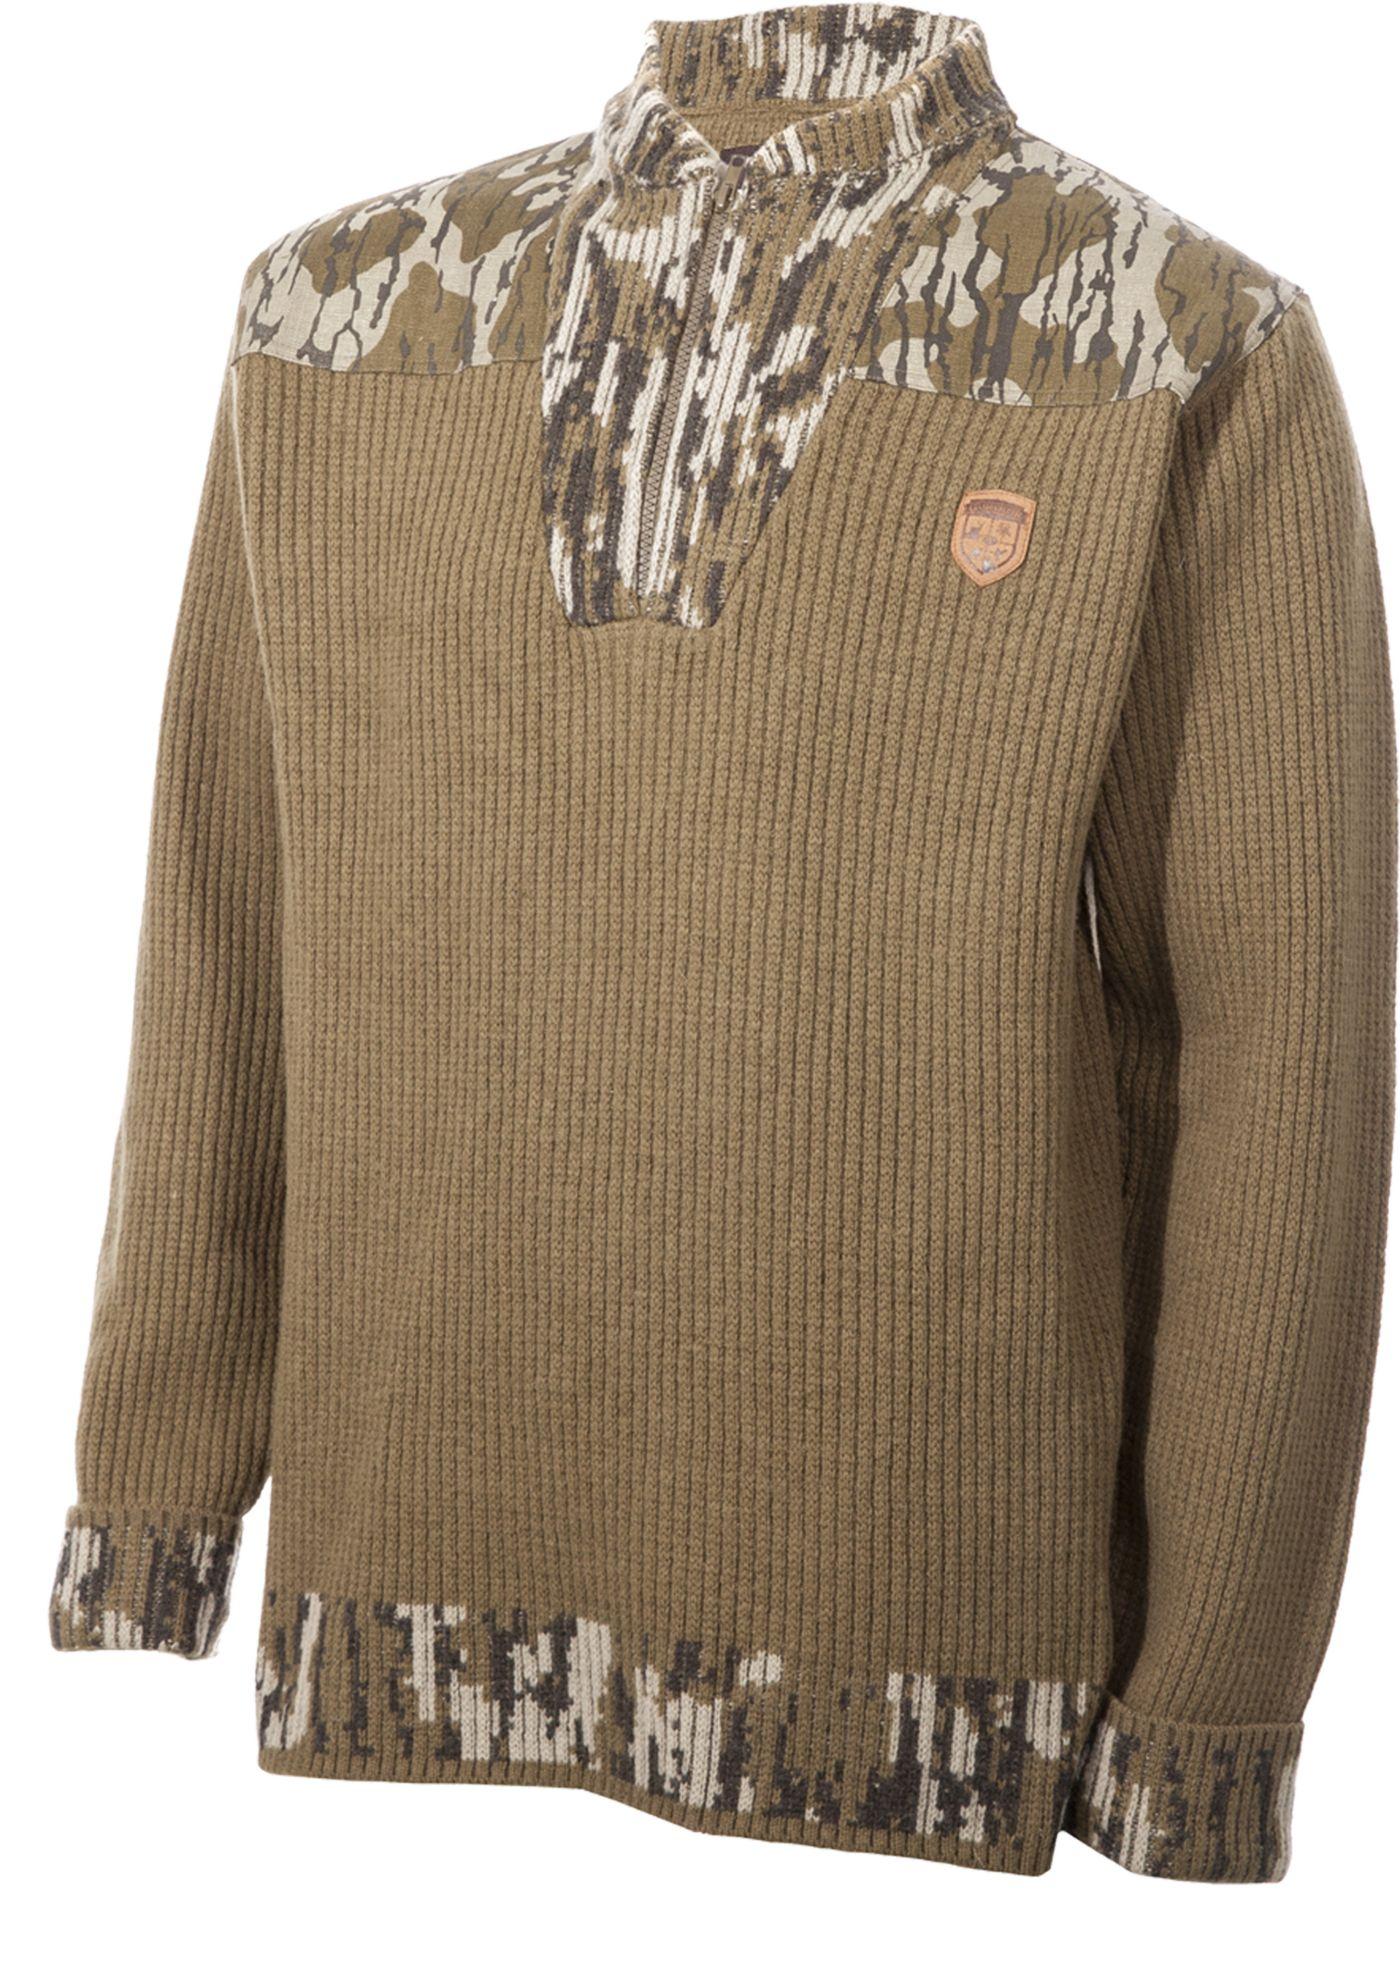 GameKeepers Men's Woodsman Merino Wool Hunting Sweater